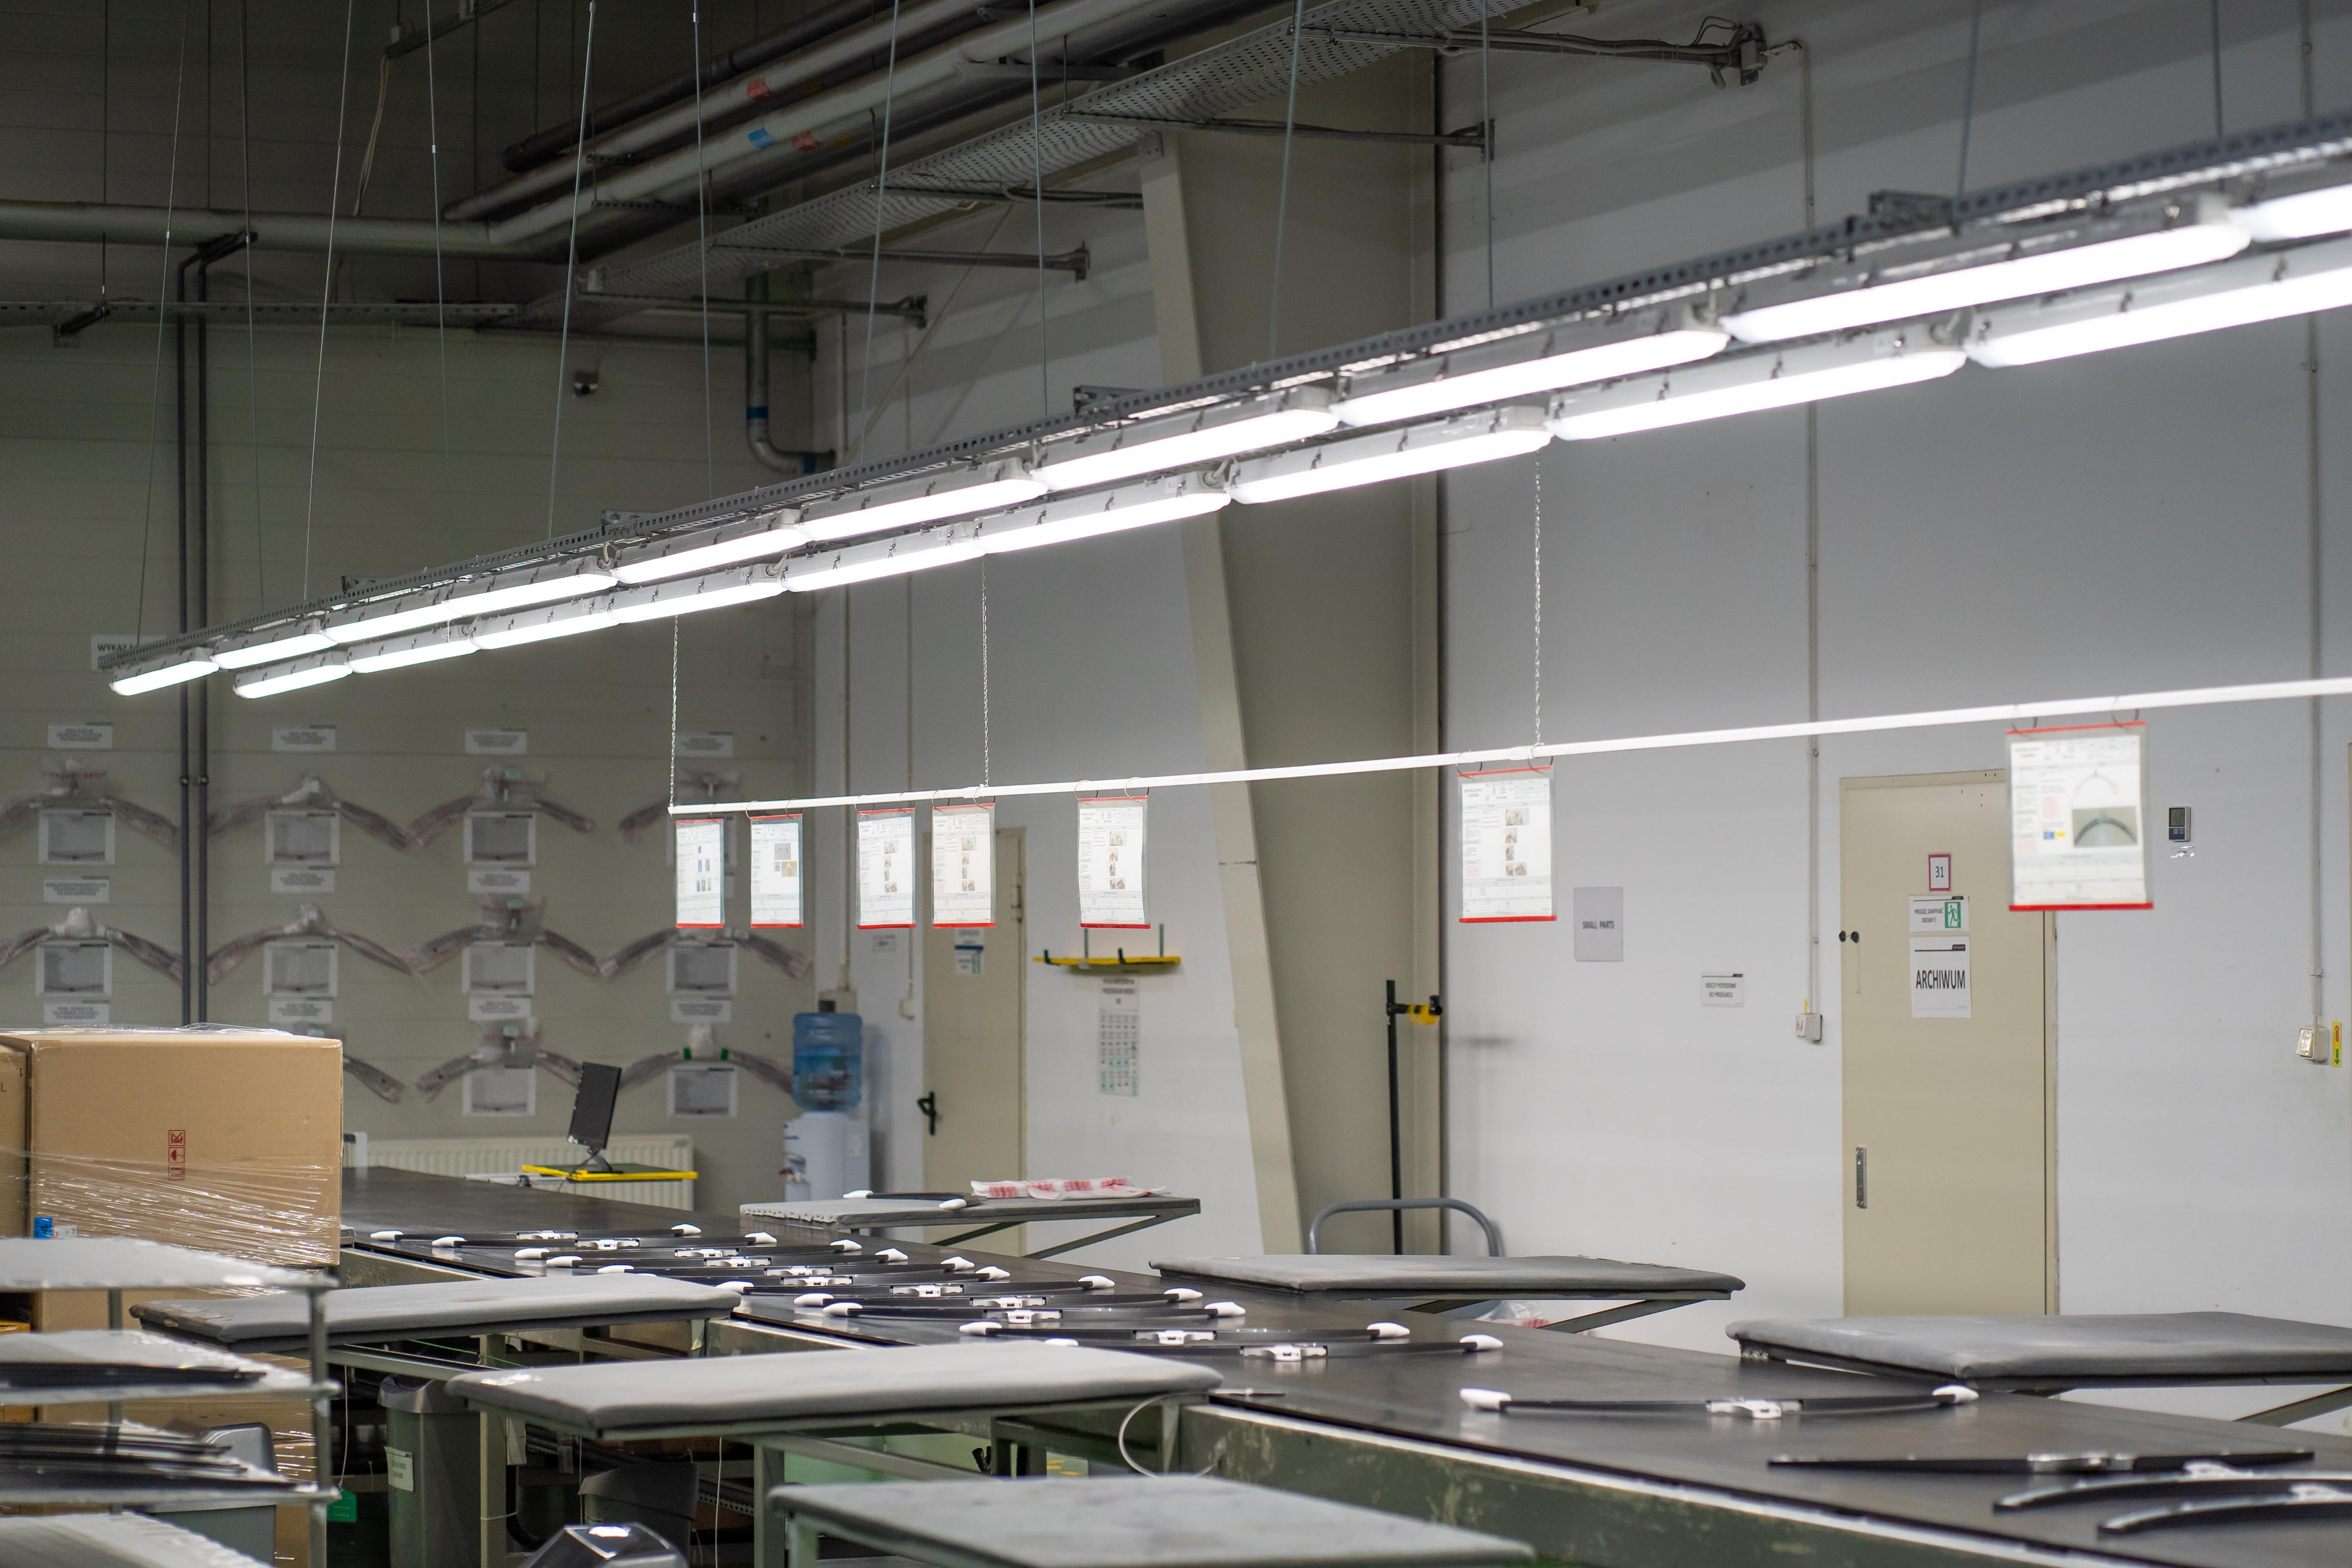 Oświetlenie przemysłowe Industrial w hali produkcyjnej firmy LG Electronics - Luxon LED